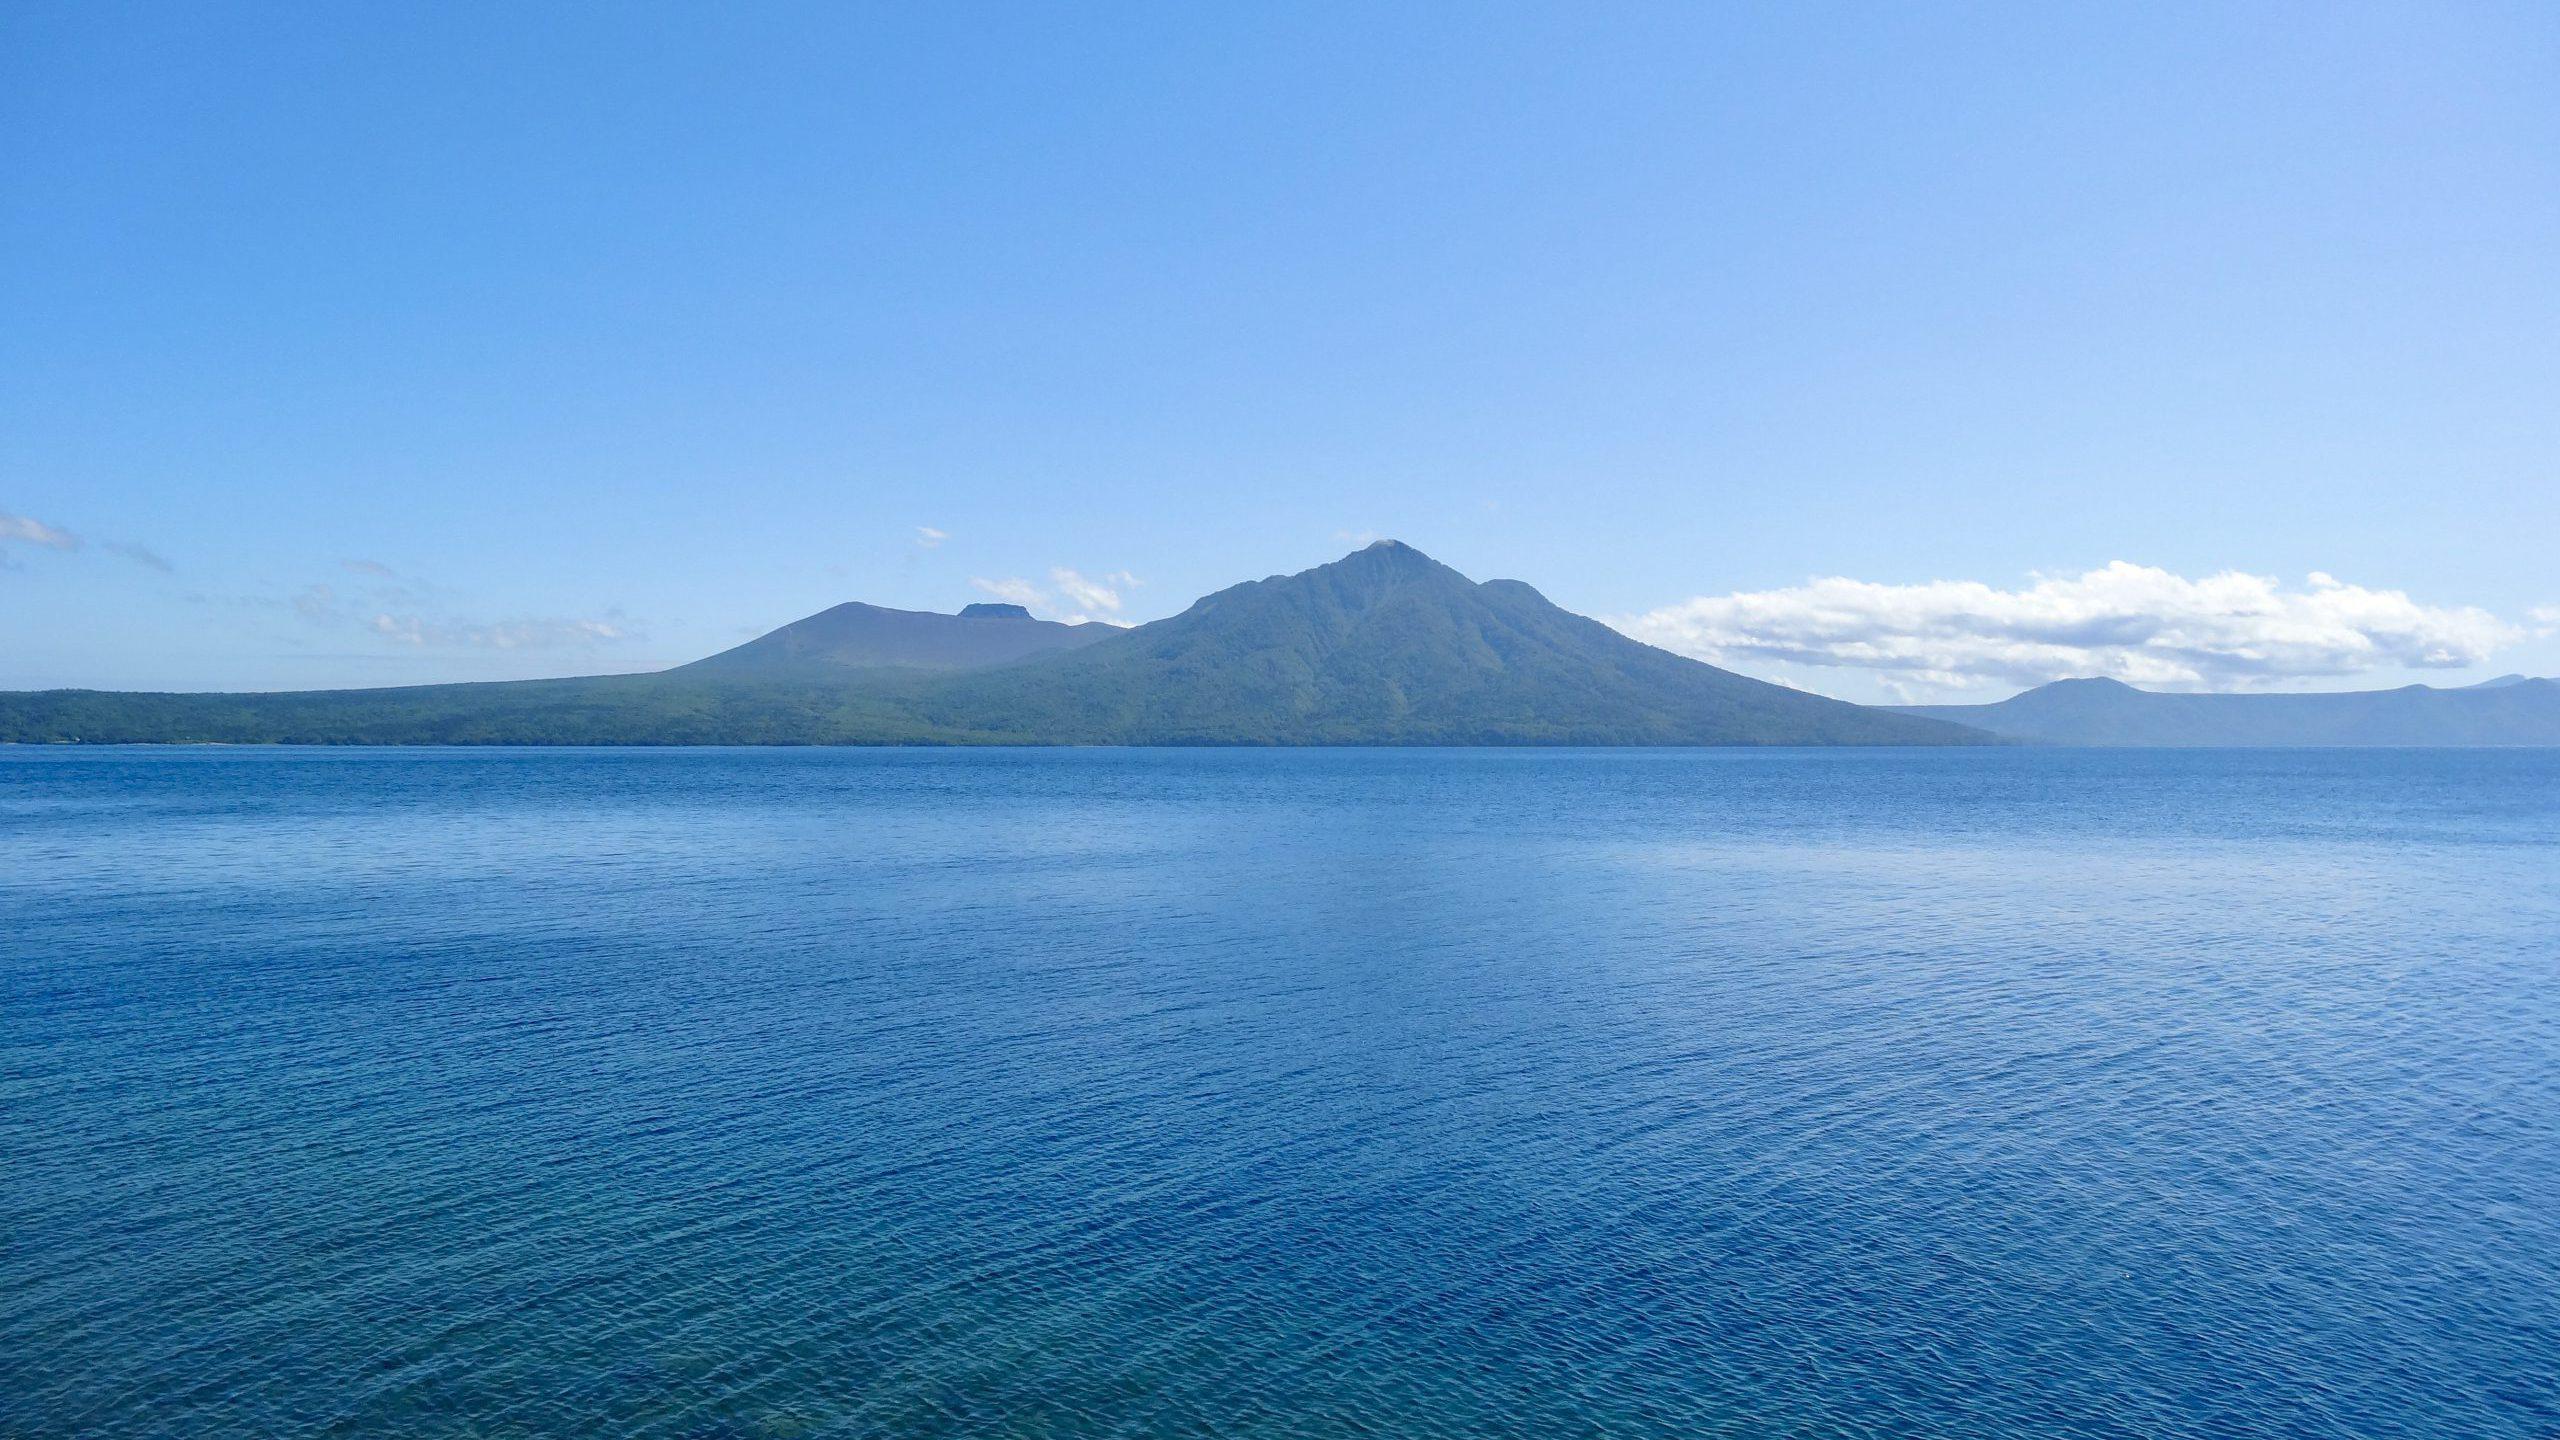 Lake Shikotsu and Shikotsuko Onsen